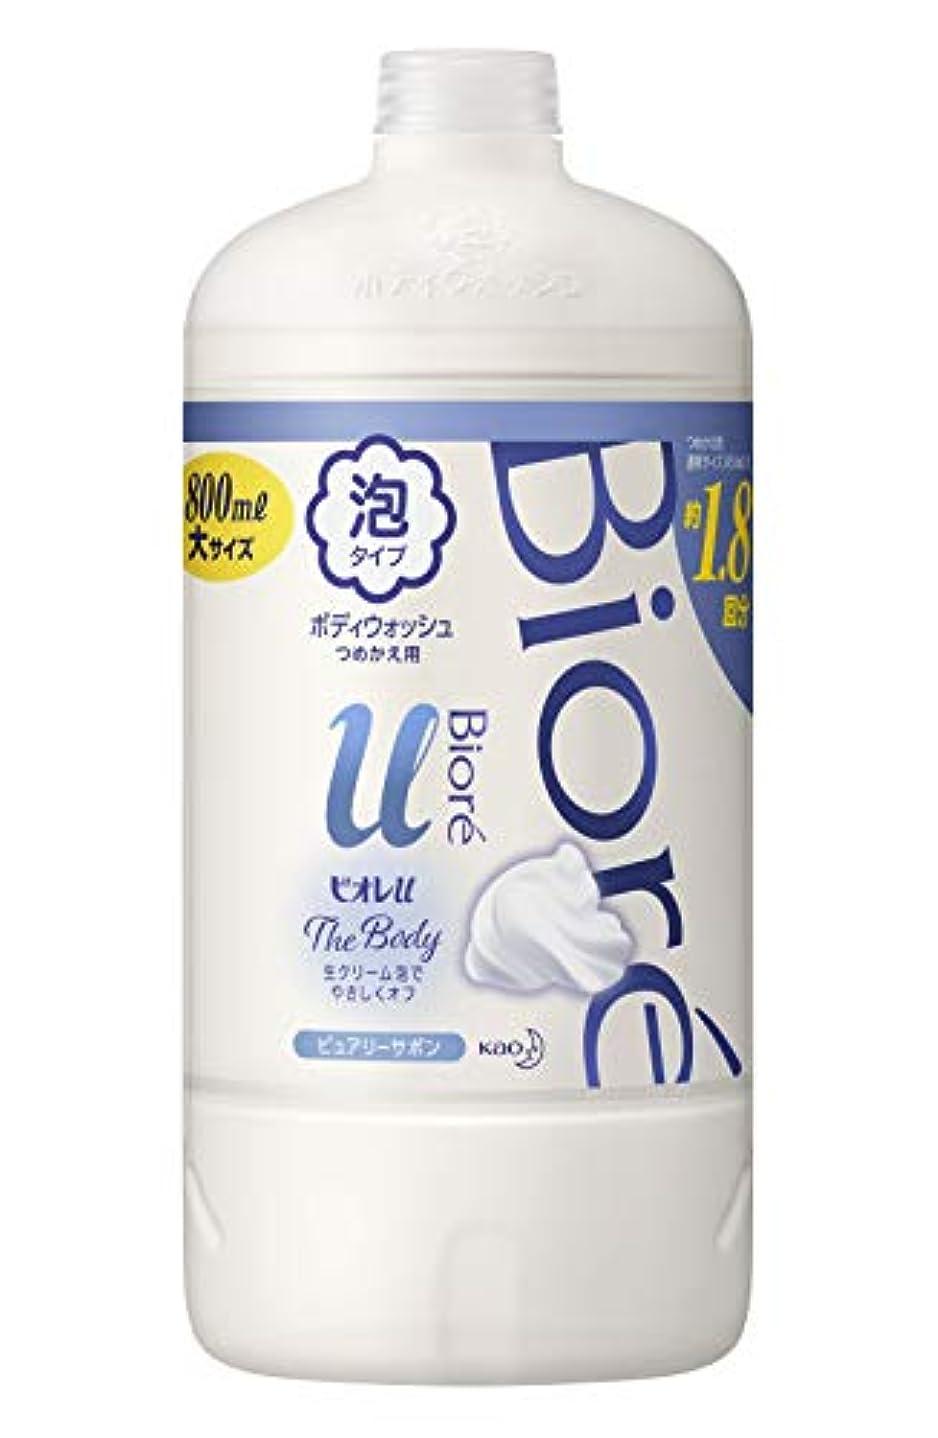 見物人最愛の皮肉な【大容量】 ビオレu ザ ボディ 〔 The Body 〕 泡タイプ ピュアリーサボンの香り つめかえ用 800ml 「高潤滑処方の生クリーム泡」